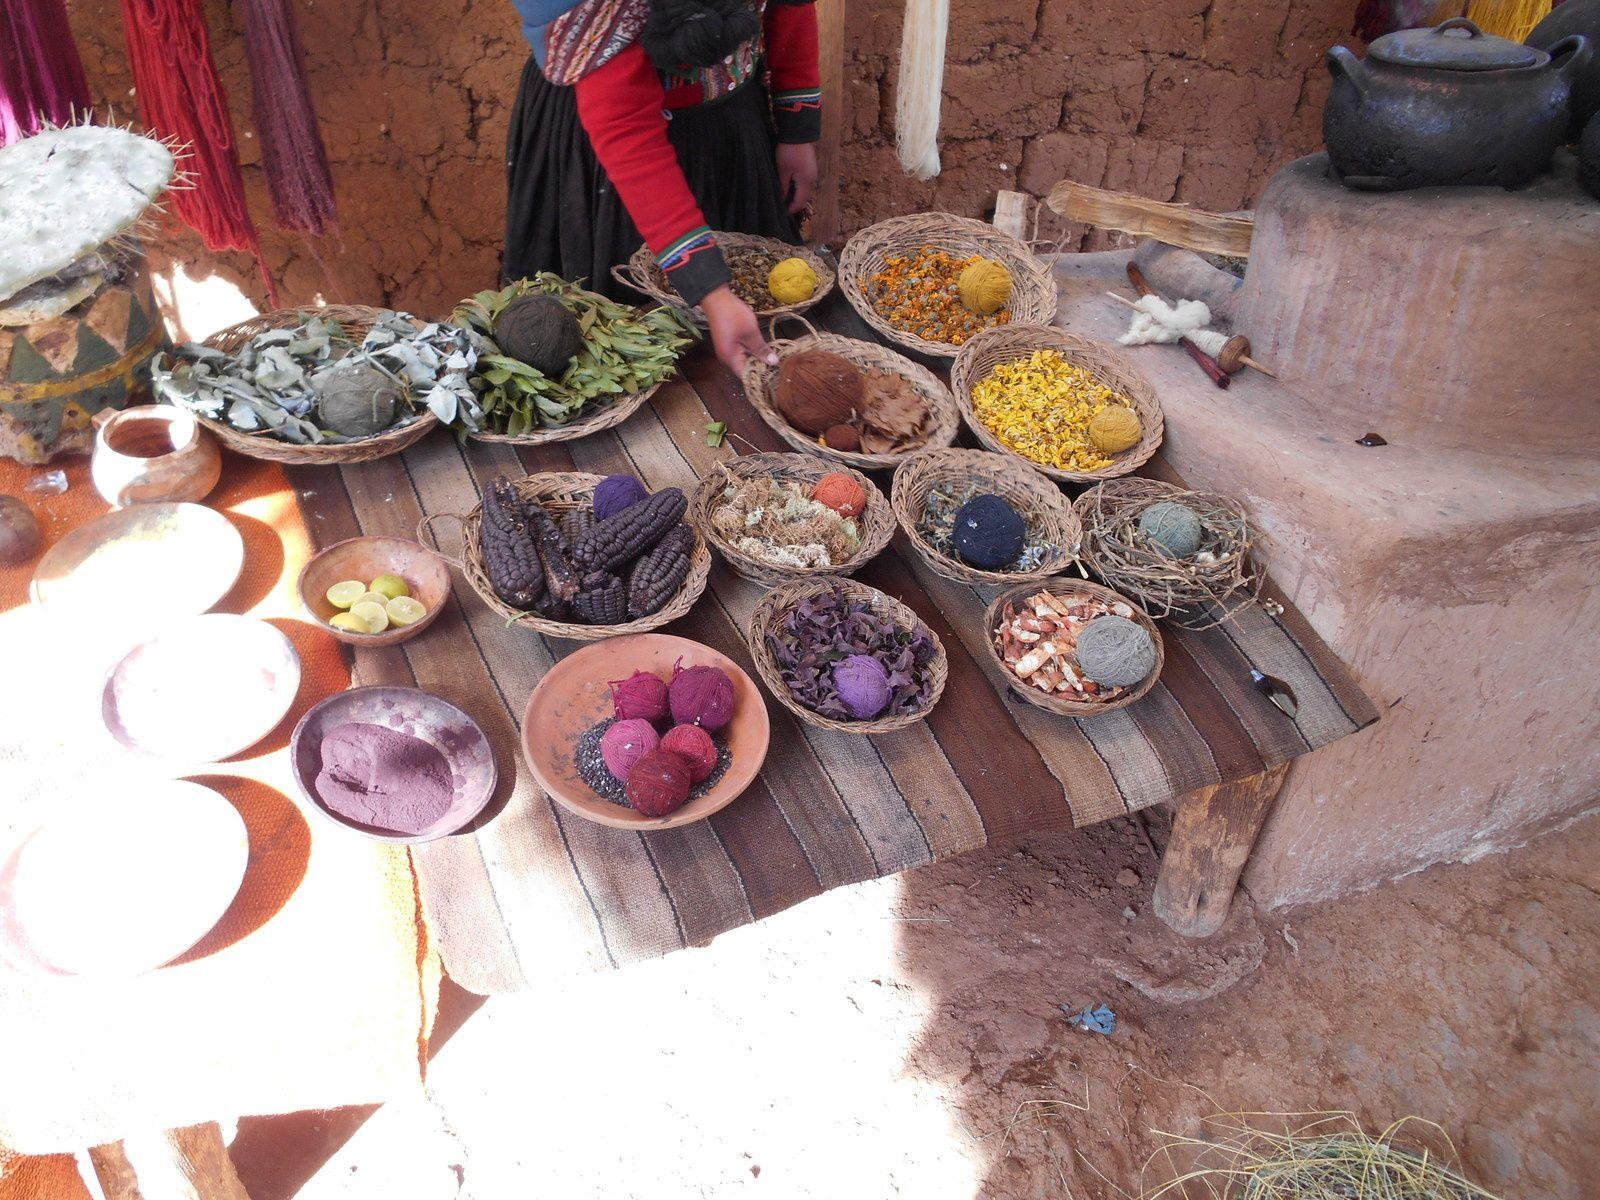 Teintures naturelles fabriquées à base de plantes, fleurs, cochenilles...